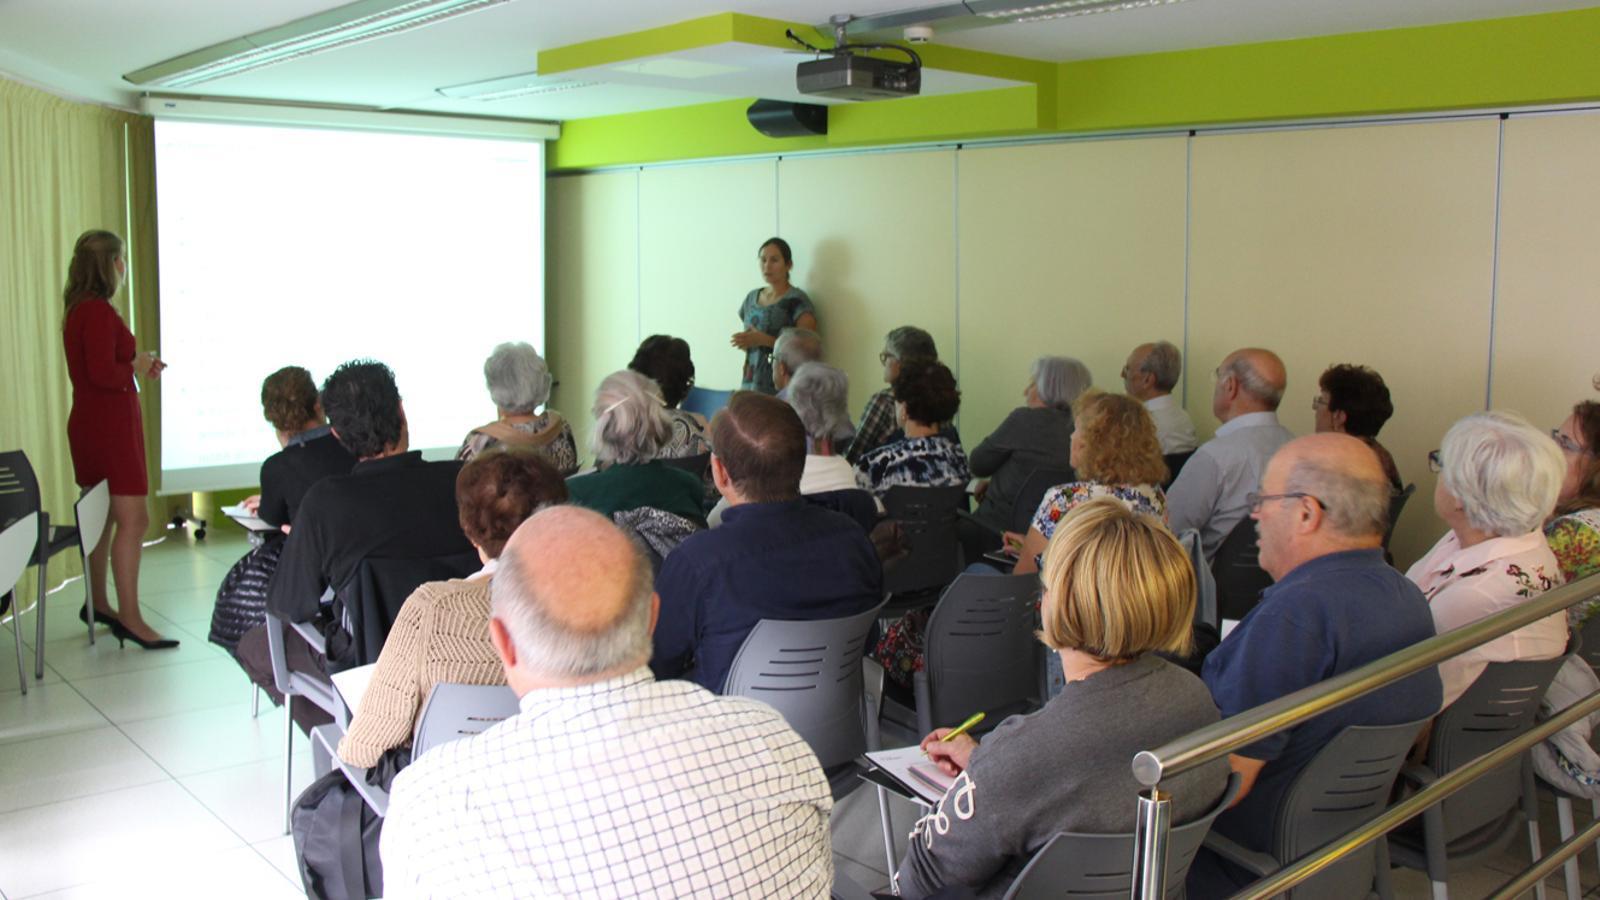 Un moment del taller sobre 'Els avantatges de l'e-crèdit' celebrat aquest dimecres. / M. P. (ANA)